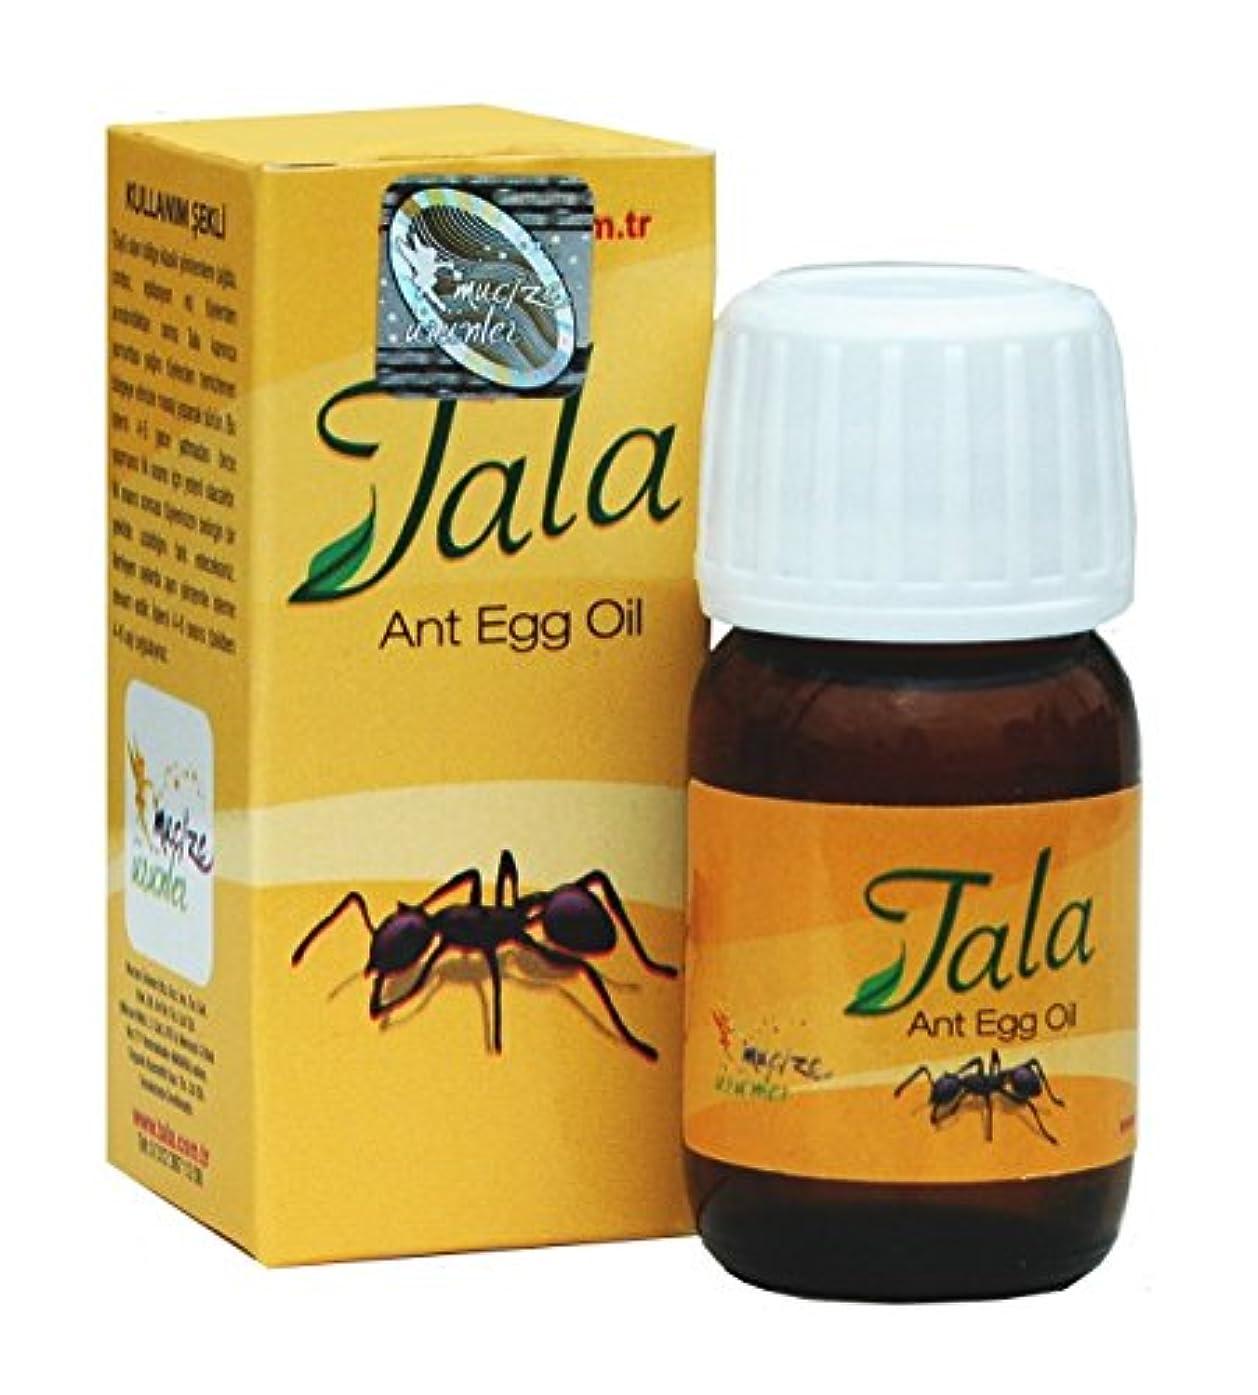 涙欺宇宙飛行士Tala Ant Egg Oil (アリ脱毛オイル) 20 ml [並行輸入品]